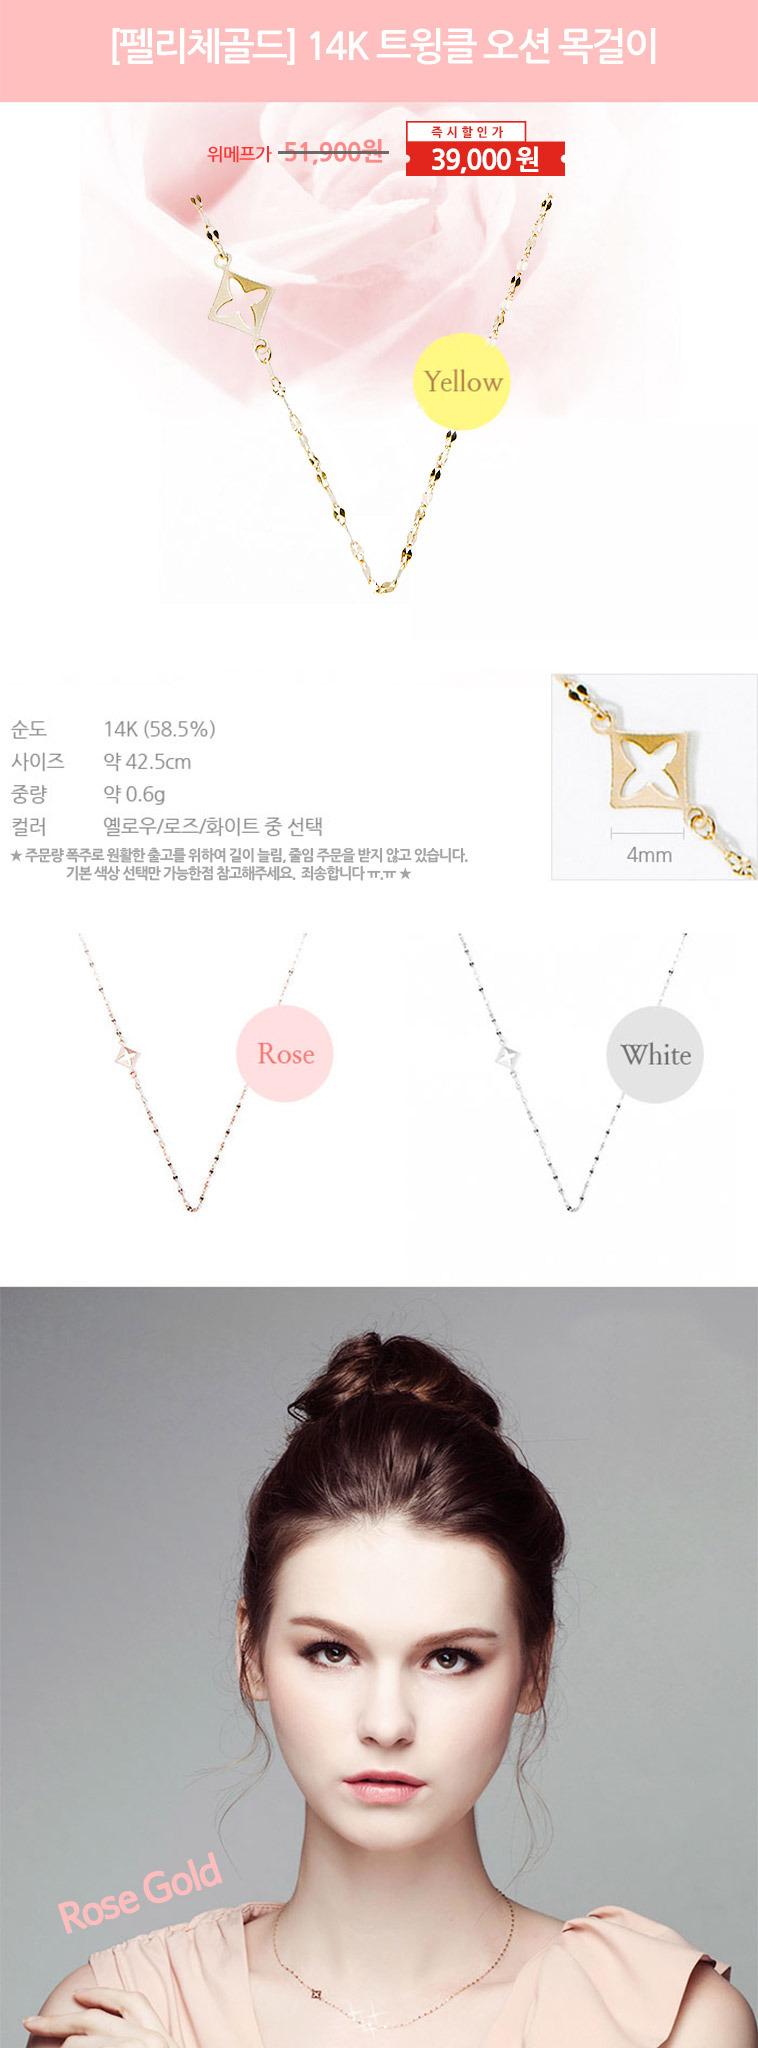 [명예의전당] 14K 트윙클 목걸이 - 상세정보